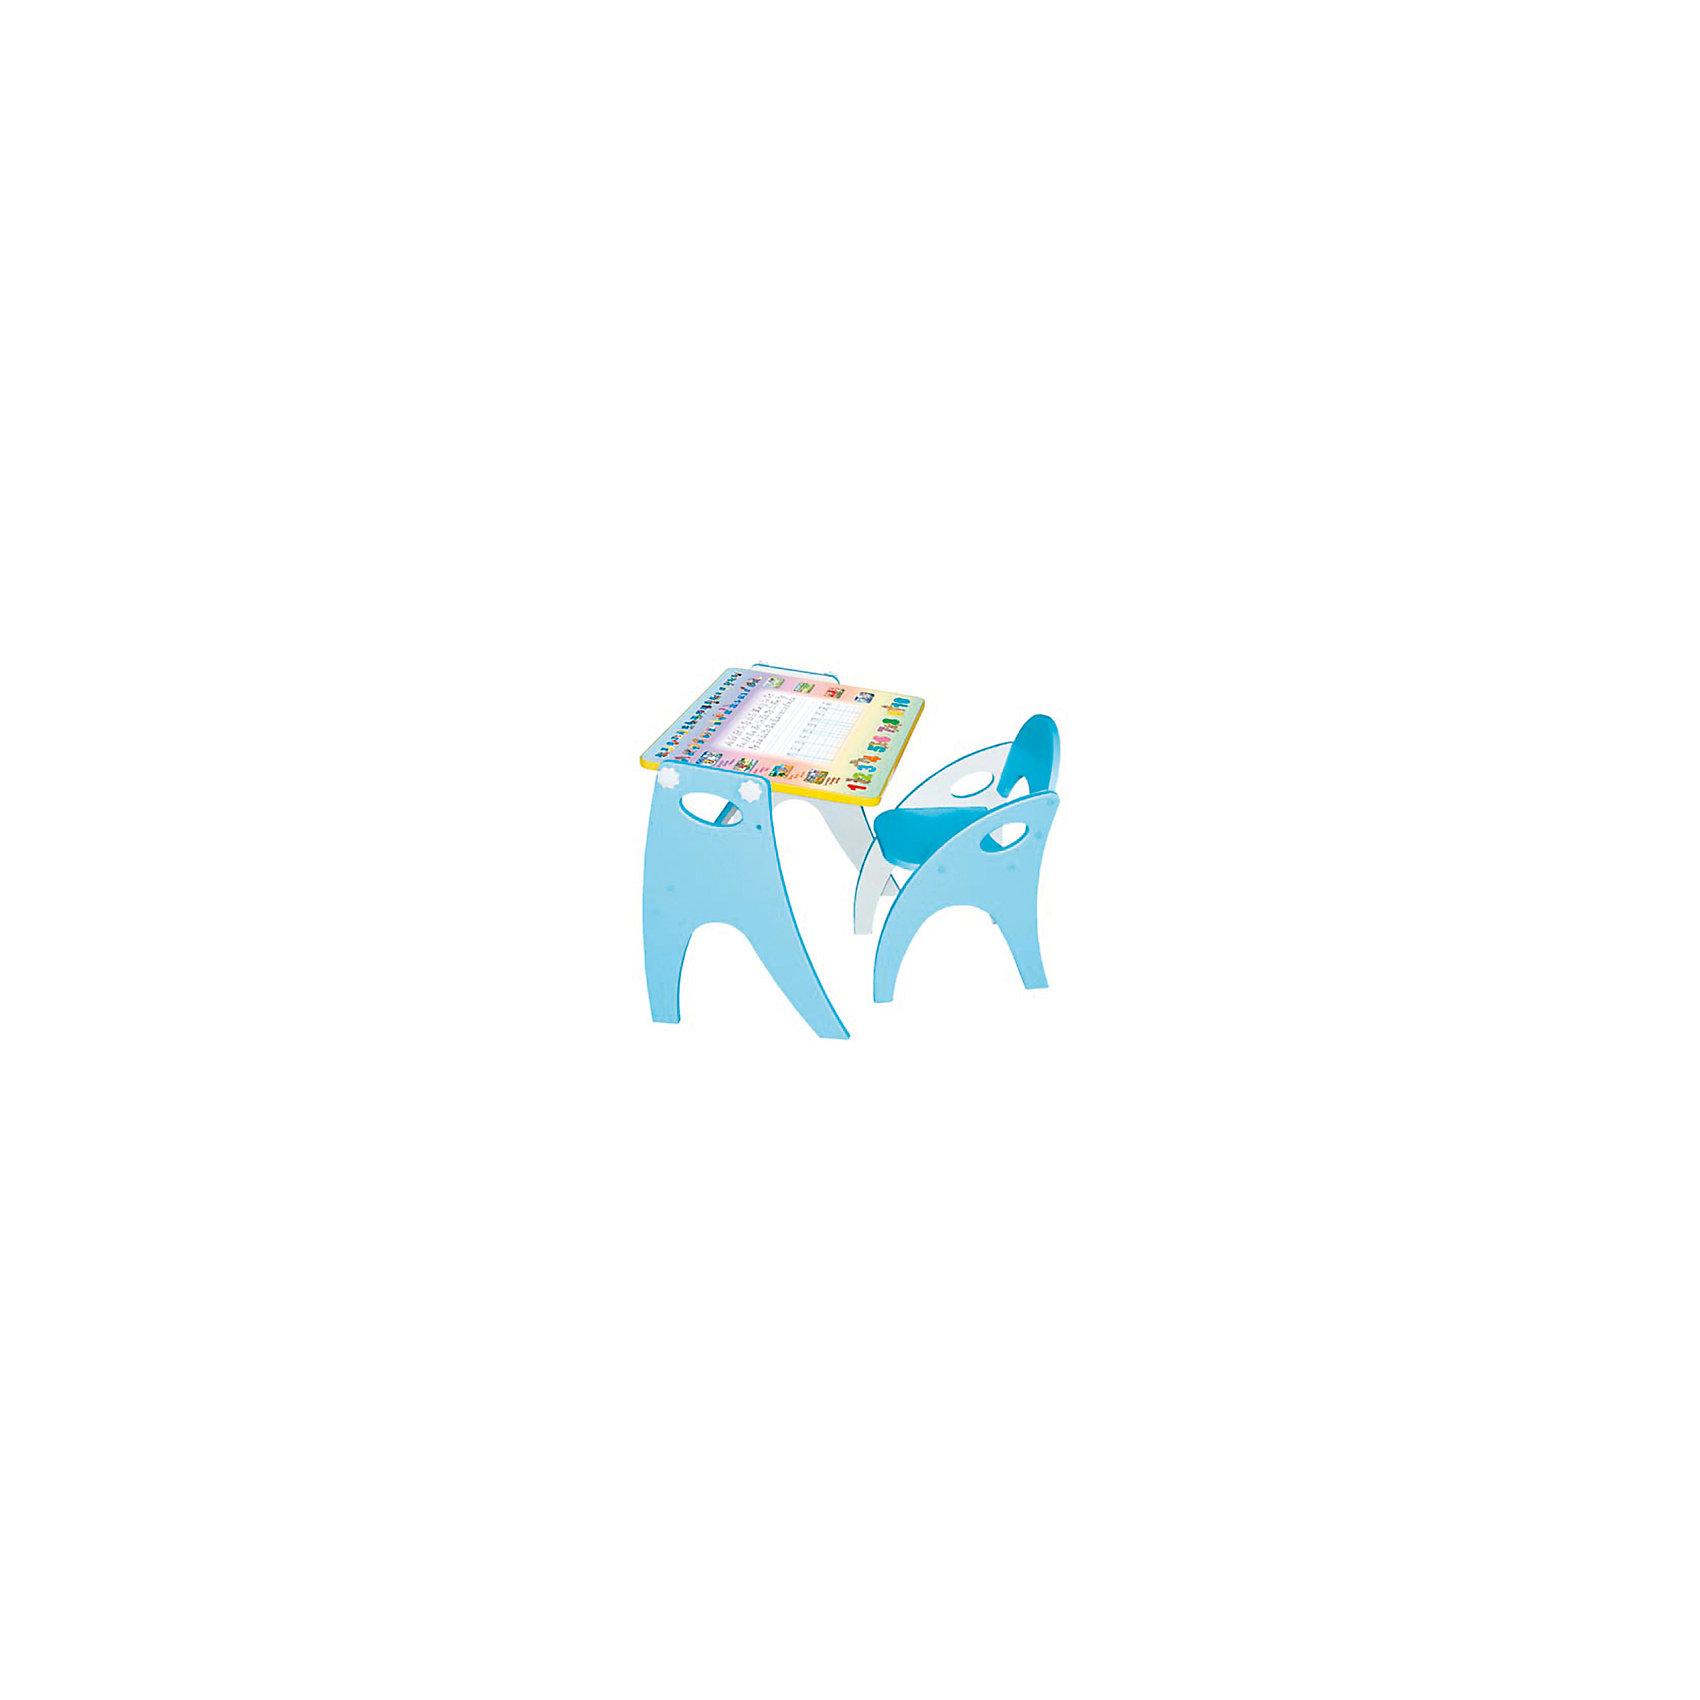 Набор мебели «Буквы-цифры», голубой  пеленальный комод сова